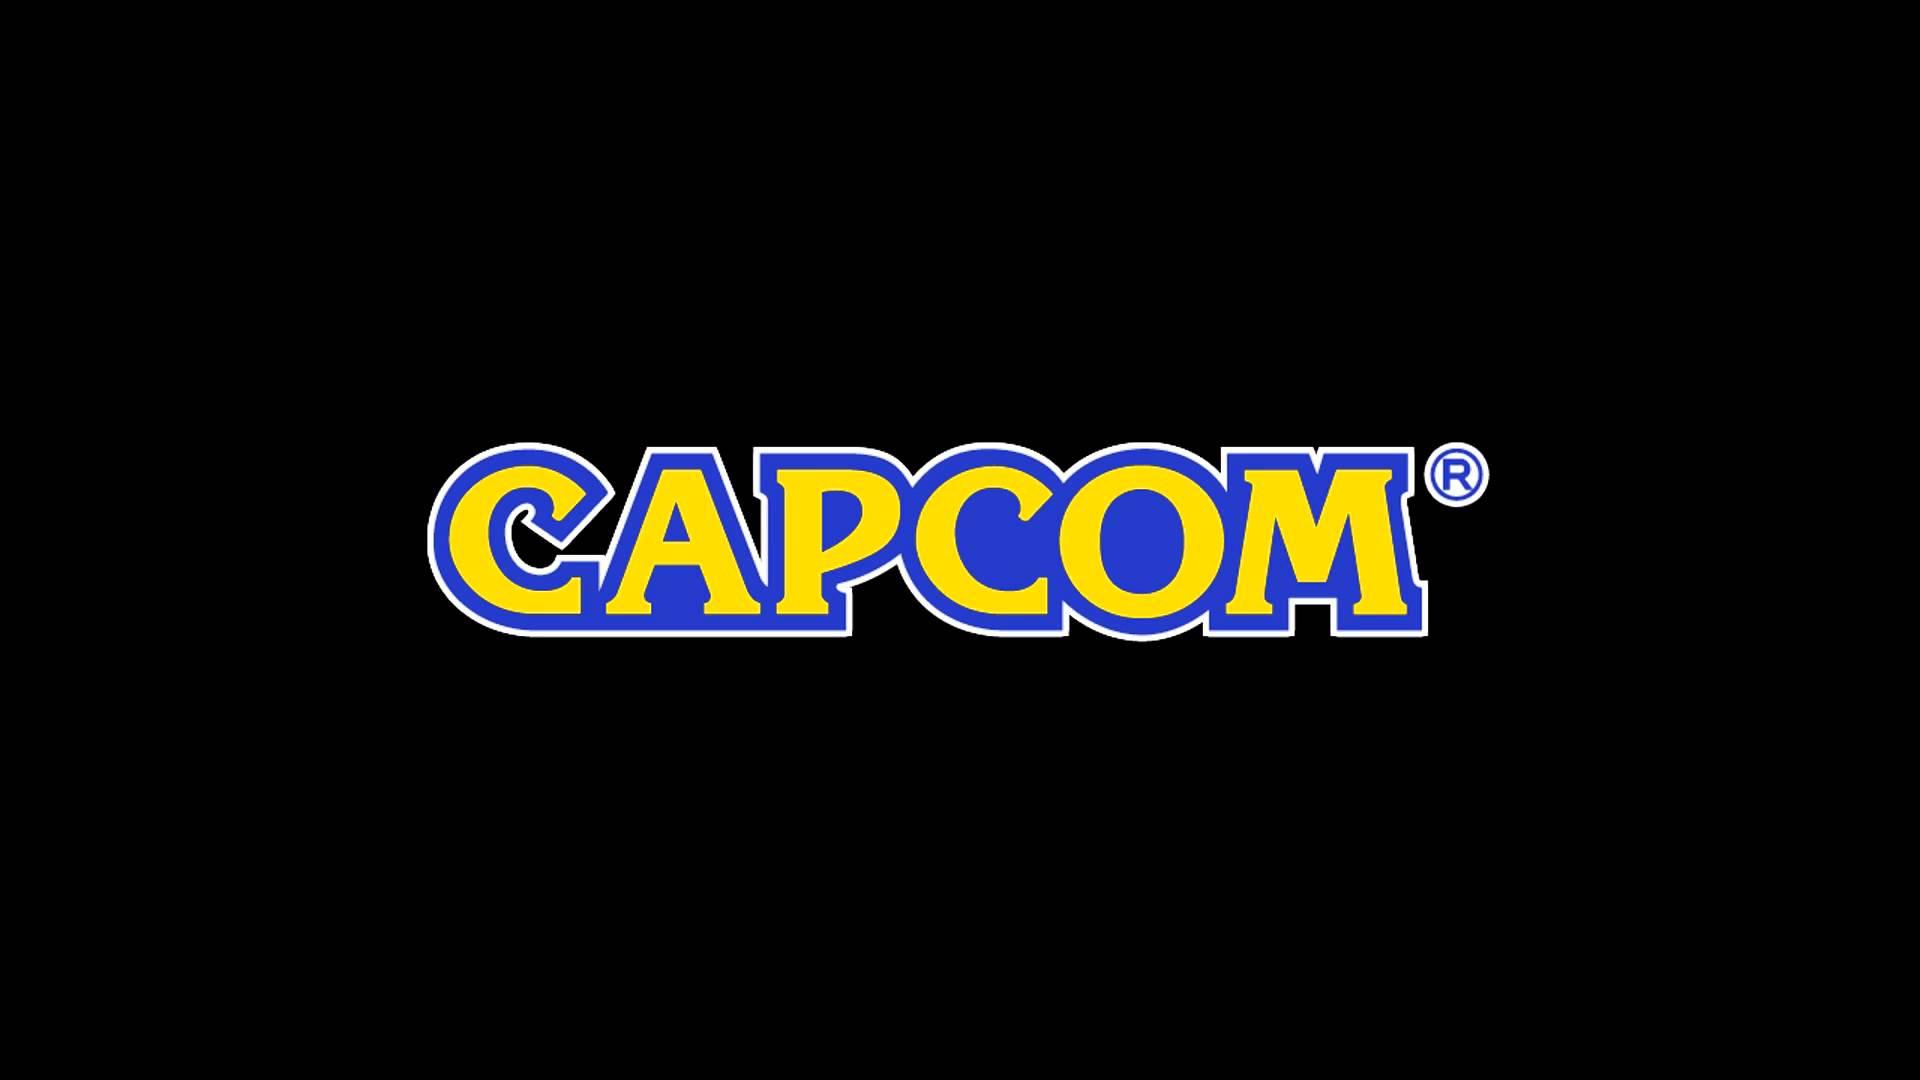 Capcom vuole sapere la nostra opinione!